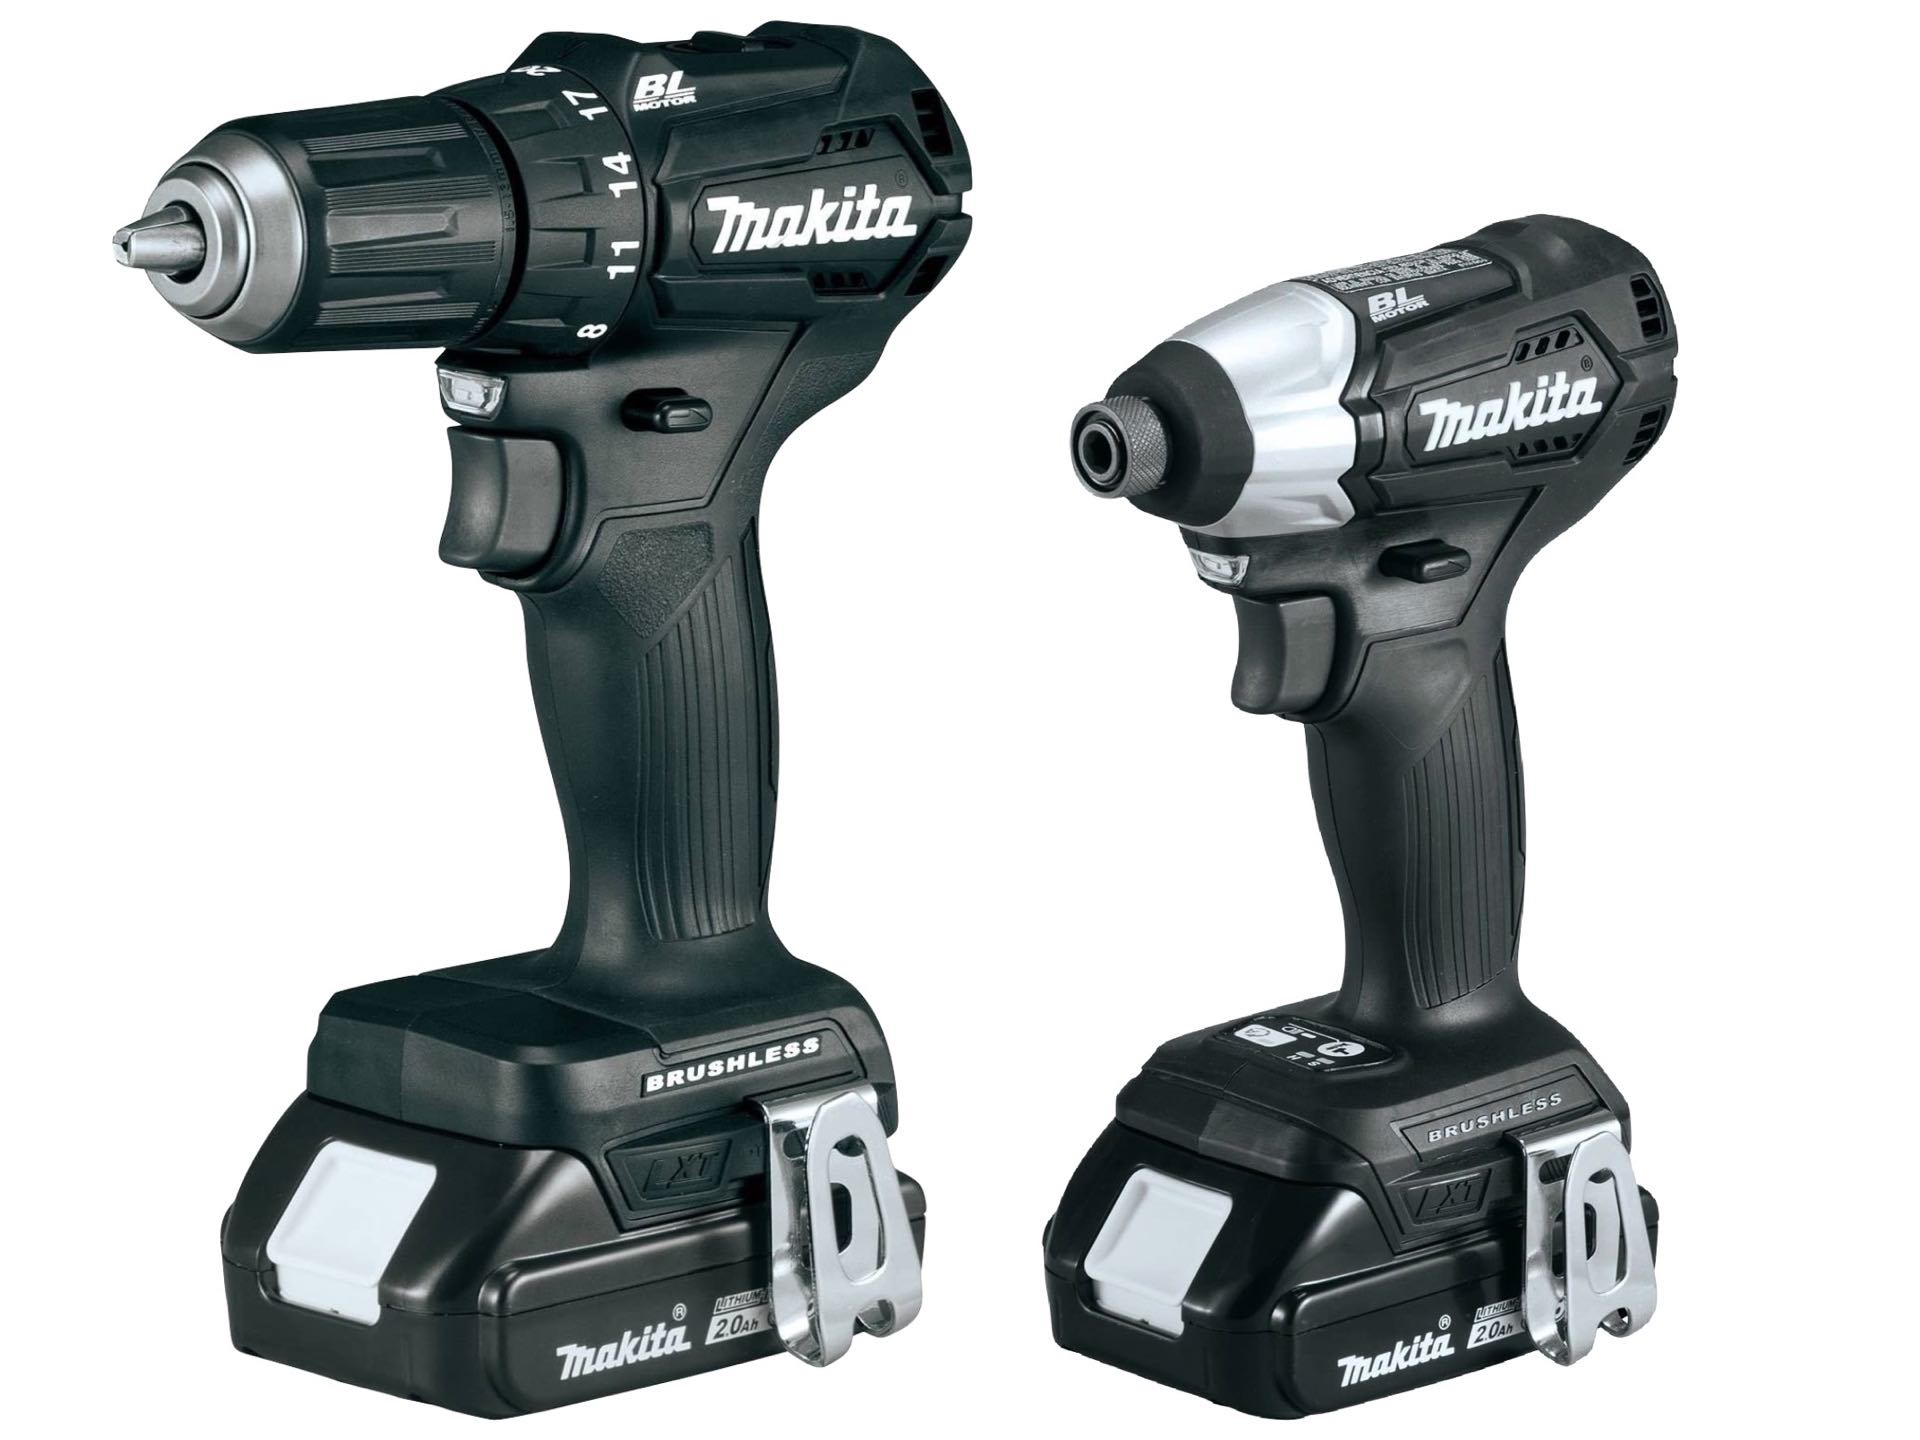 makita-18v-lxt-lithium-ion-sub-compact-brushless-cordless-driver-kit